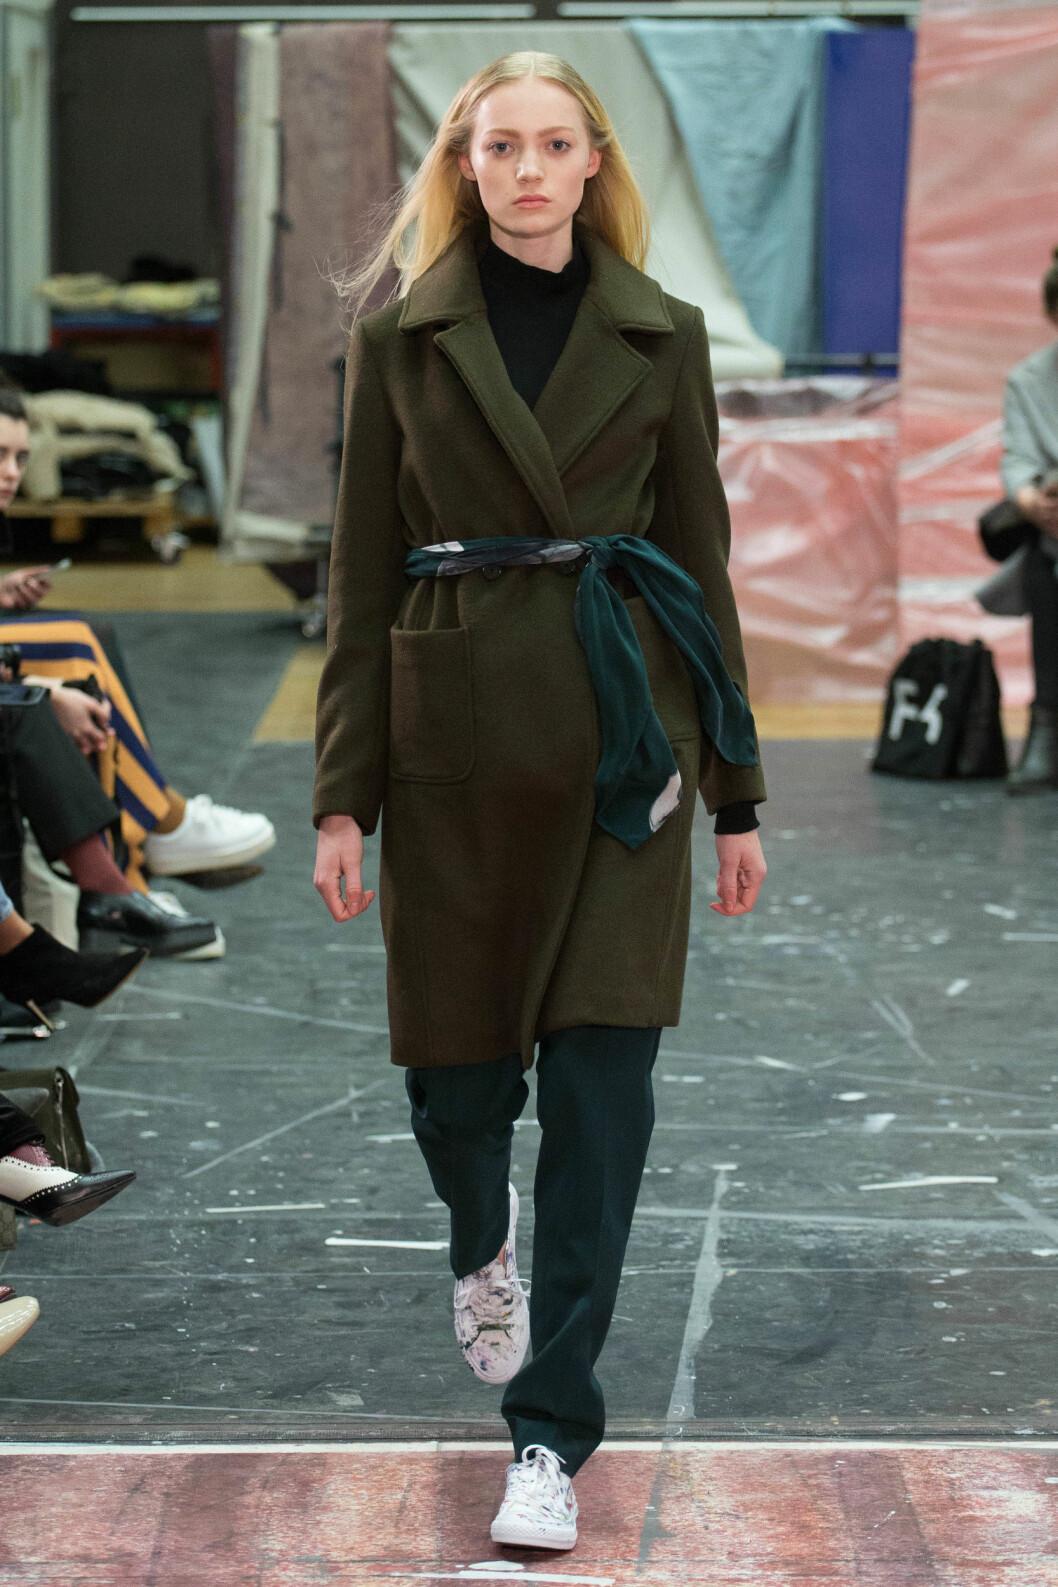 SOM BELTE: Bruk skjerfet som et belte! Her kan det være lurt å bruke et tynnere sjal. Du finner shoppingtips lengre ned!